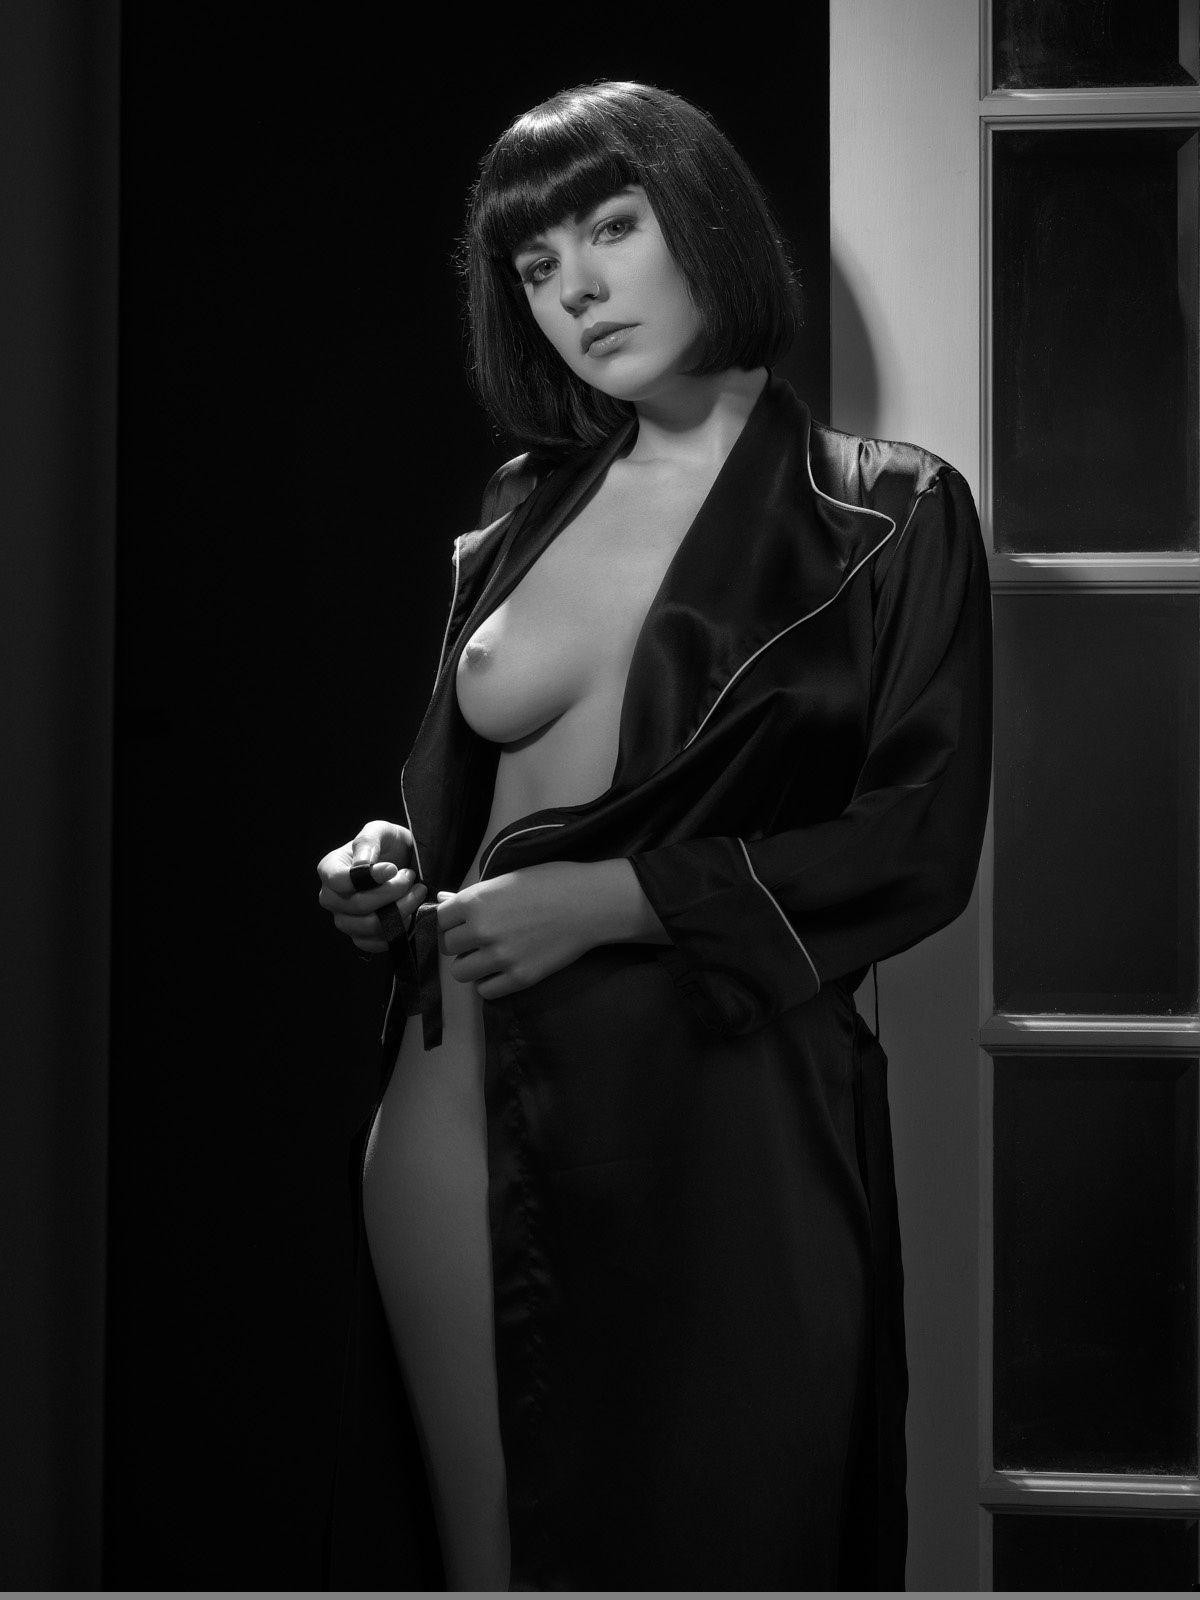 Dorrie Mack naked (65 foto and video), Topless, Cleavage, Instagram, bra 2015